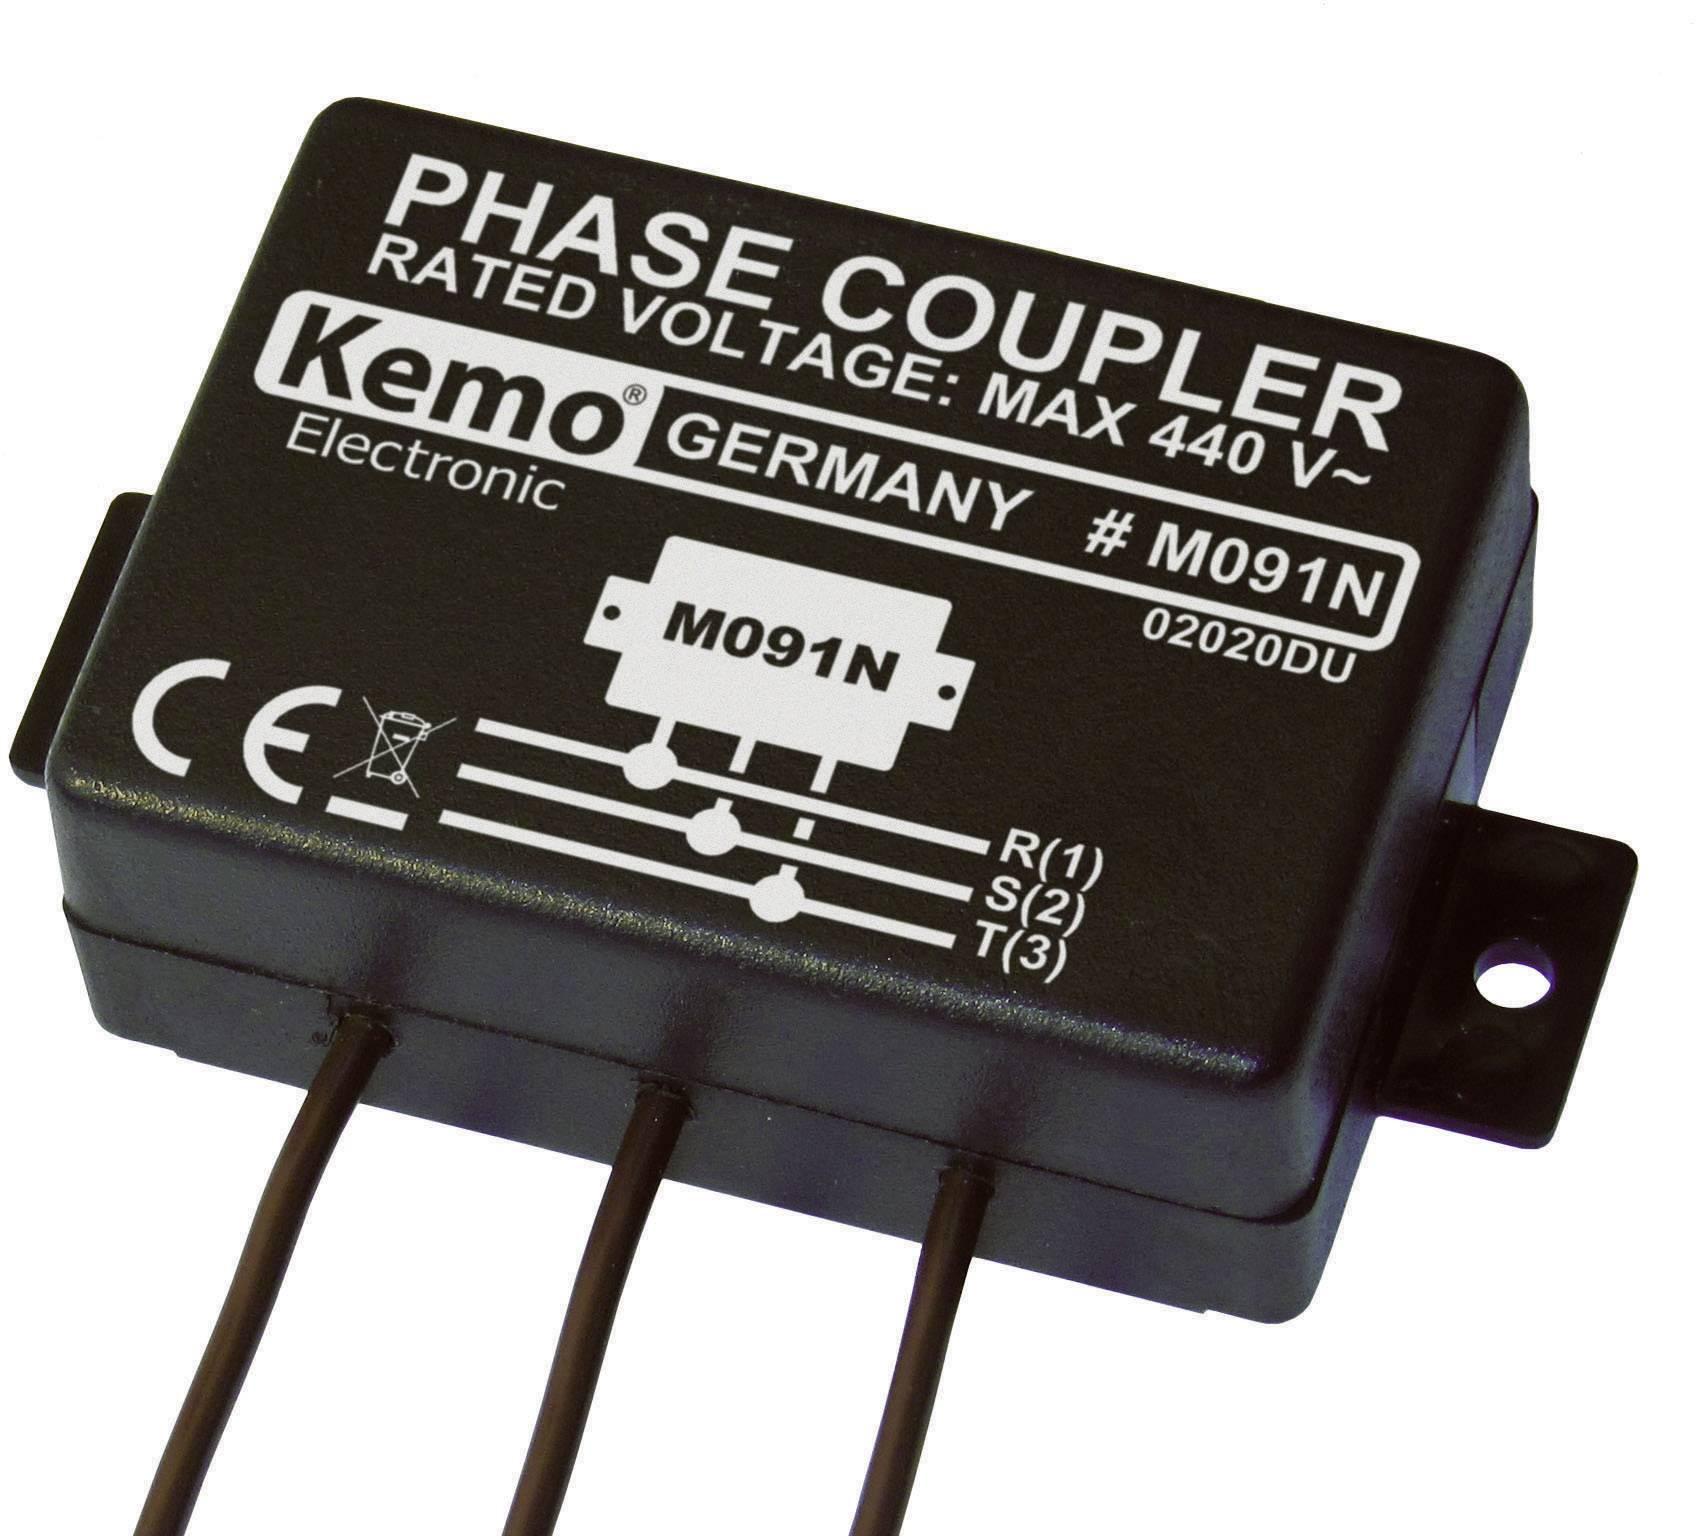 Elektronická fázová spojka pre Powerline produkty Kemo M091N, 110 - 440 V/AC